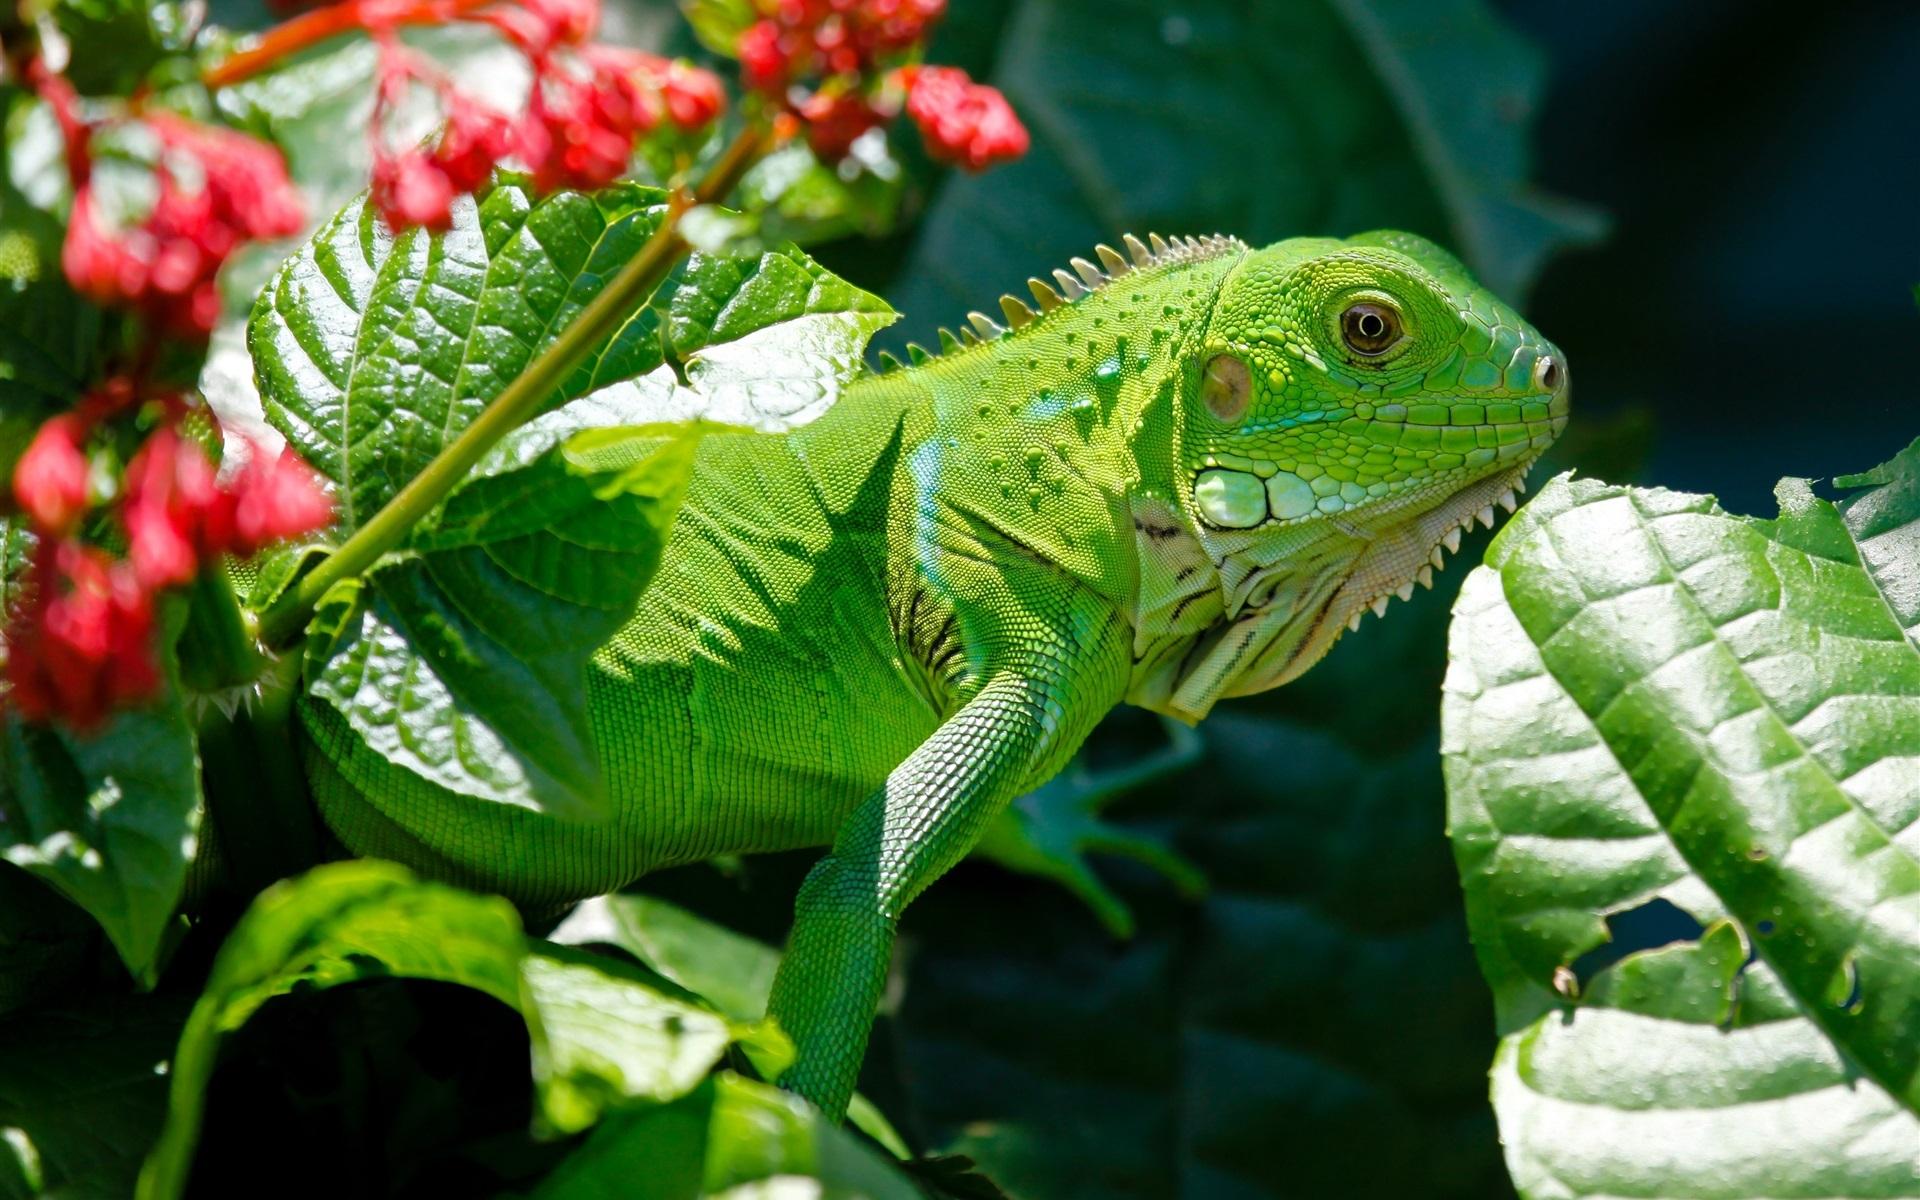 Картинка: Рептилия, игуана, зелёная, зелень, солнце